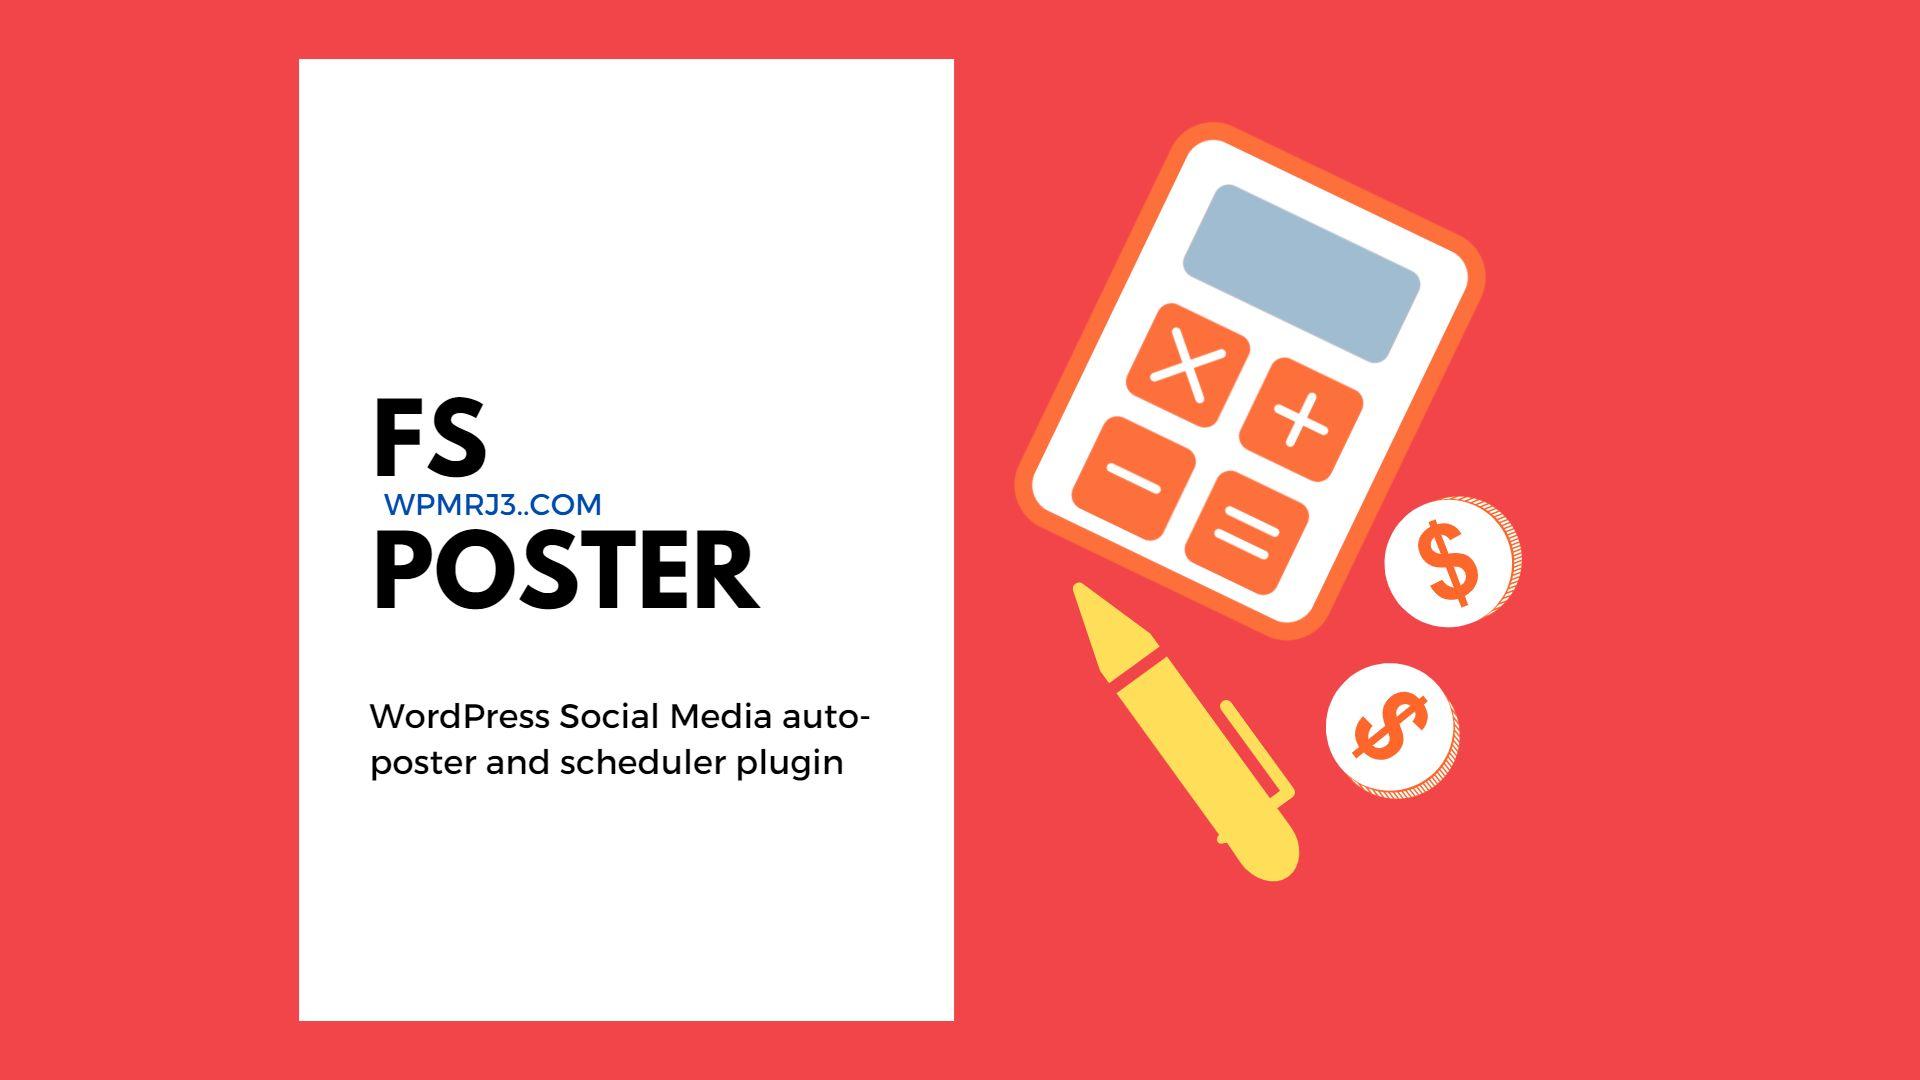 شرح اضافة Fs Poster إضافة النشر التلقائي في ووردبريس لمواقع التواصل الاجتماعي